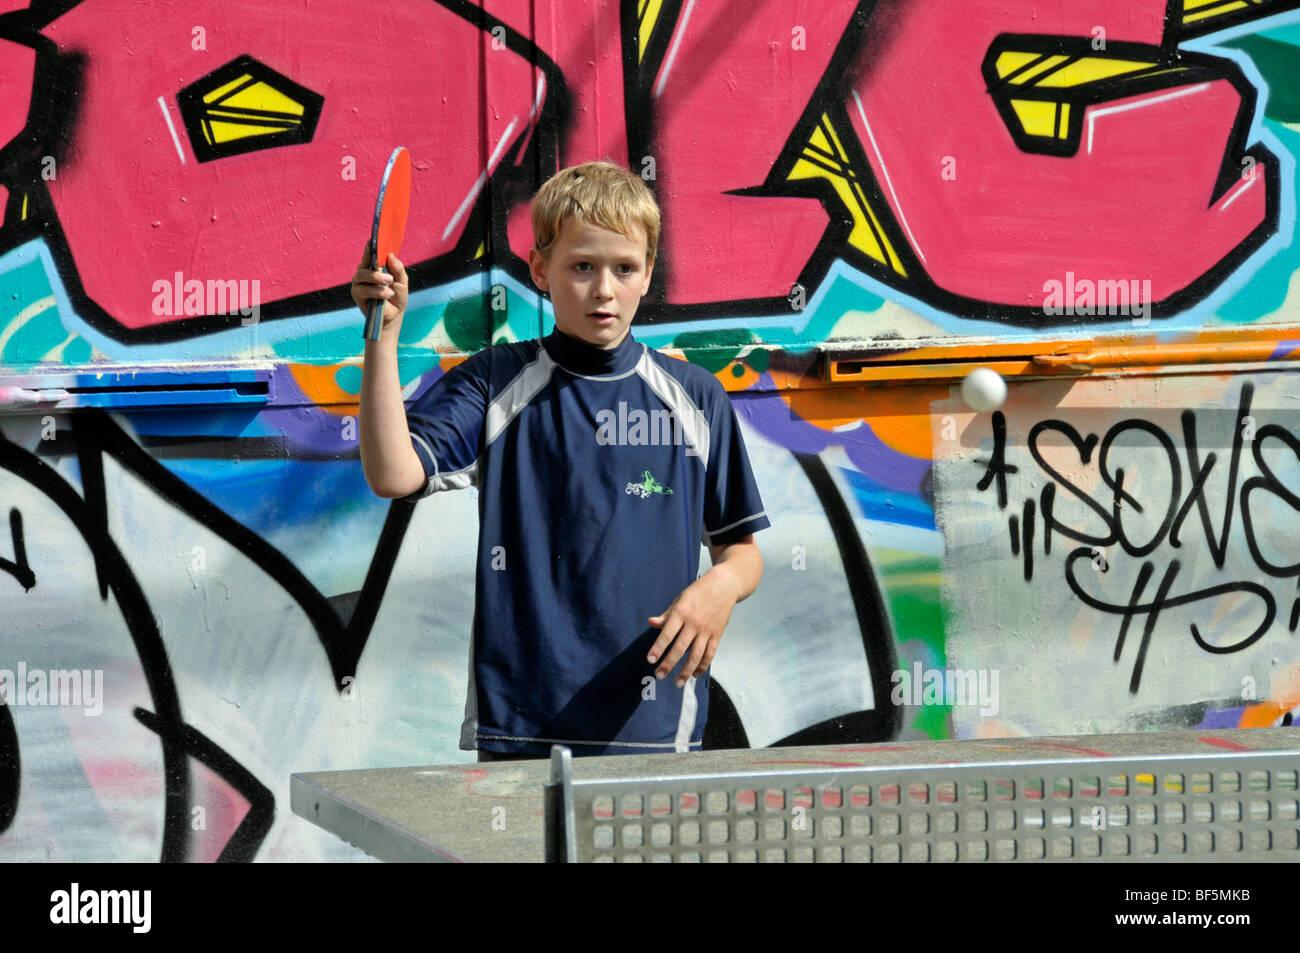 Niño de 9 años jugando al tenis de mesa, campo de fútbol en Colonia, Renania del Norte-Westfalia, Imagen De Stock